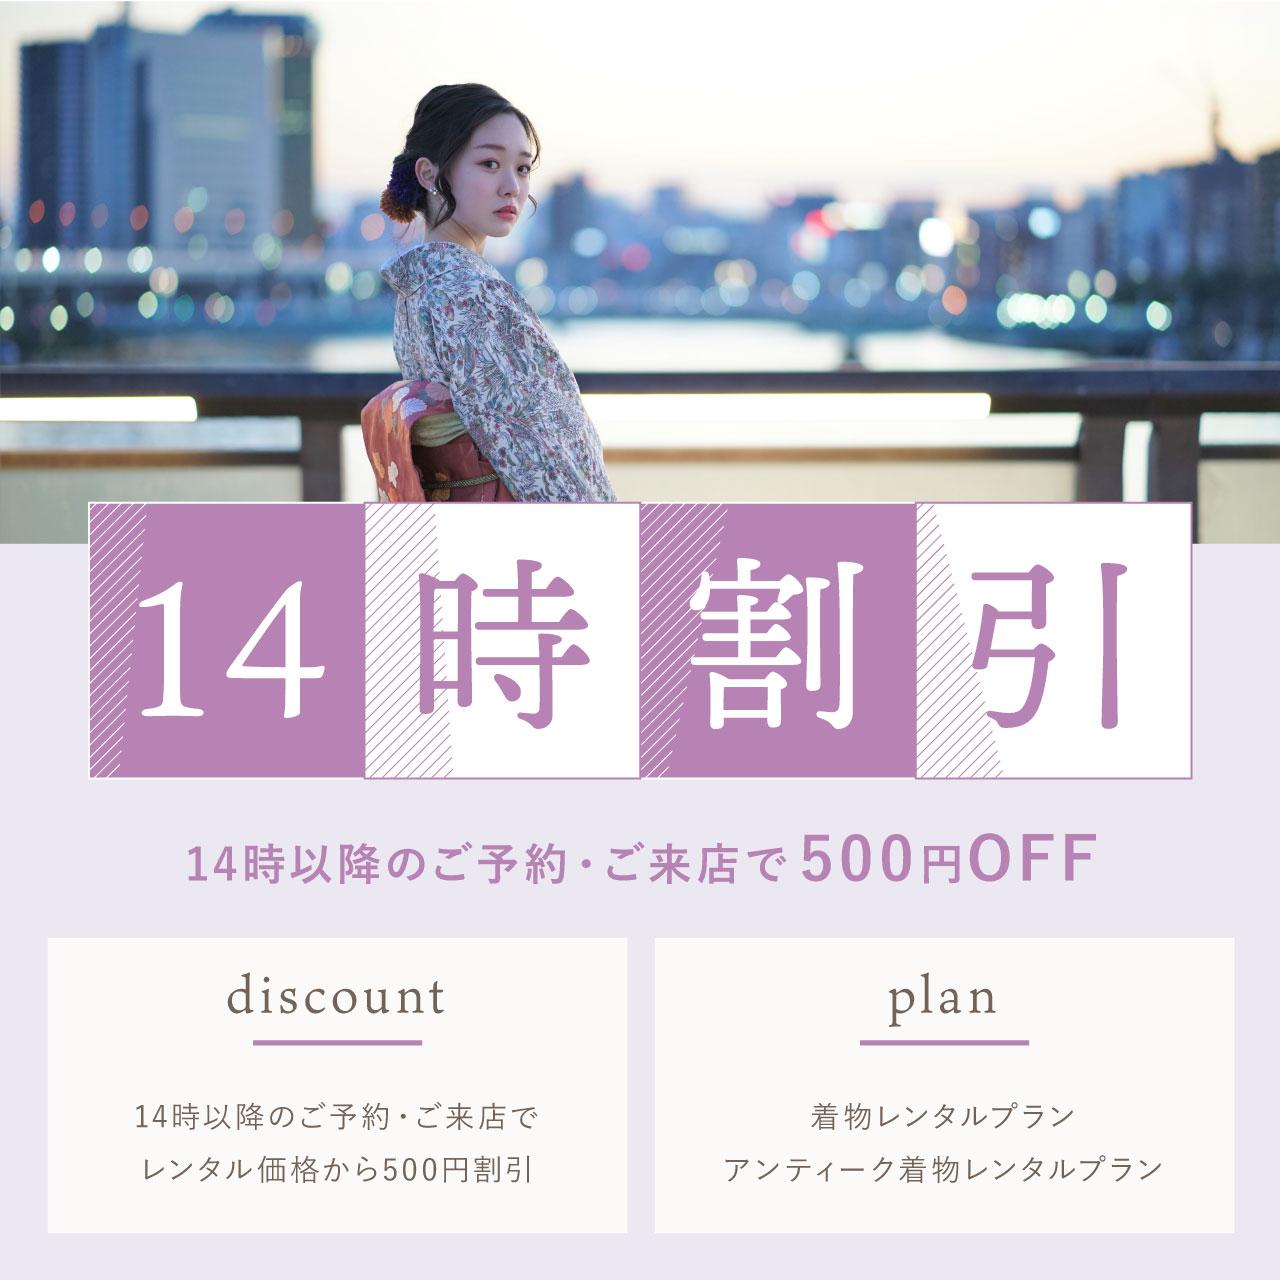 京都浅草着物レンタル 14時割引